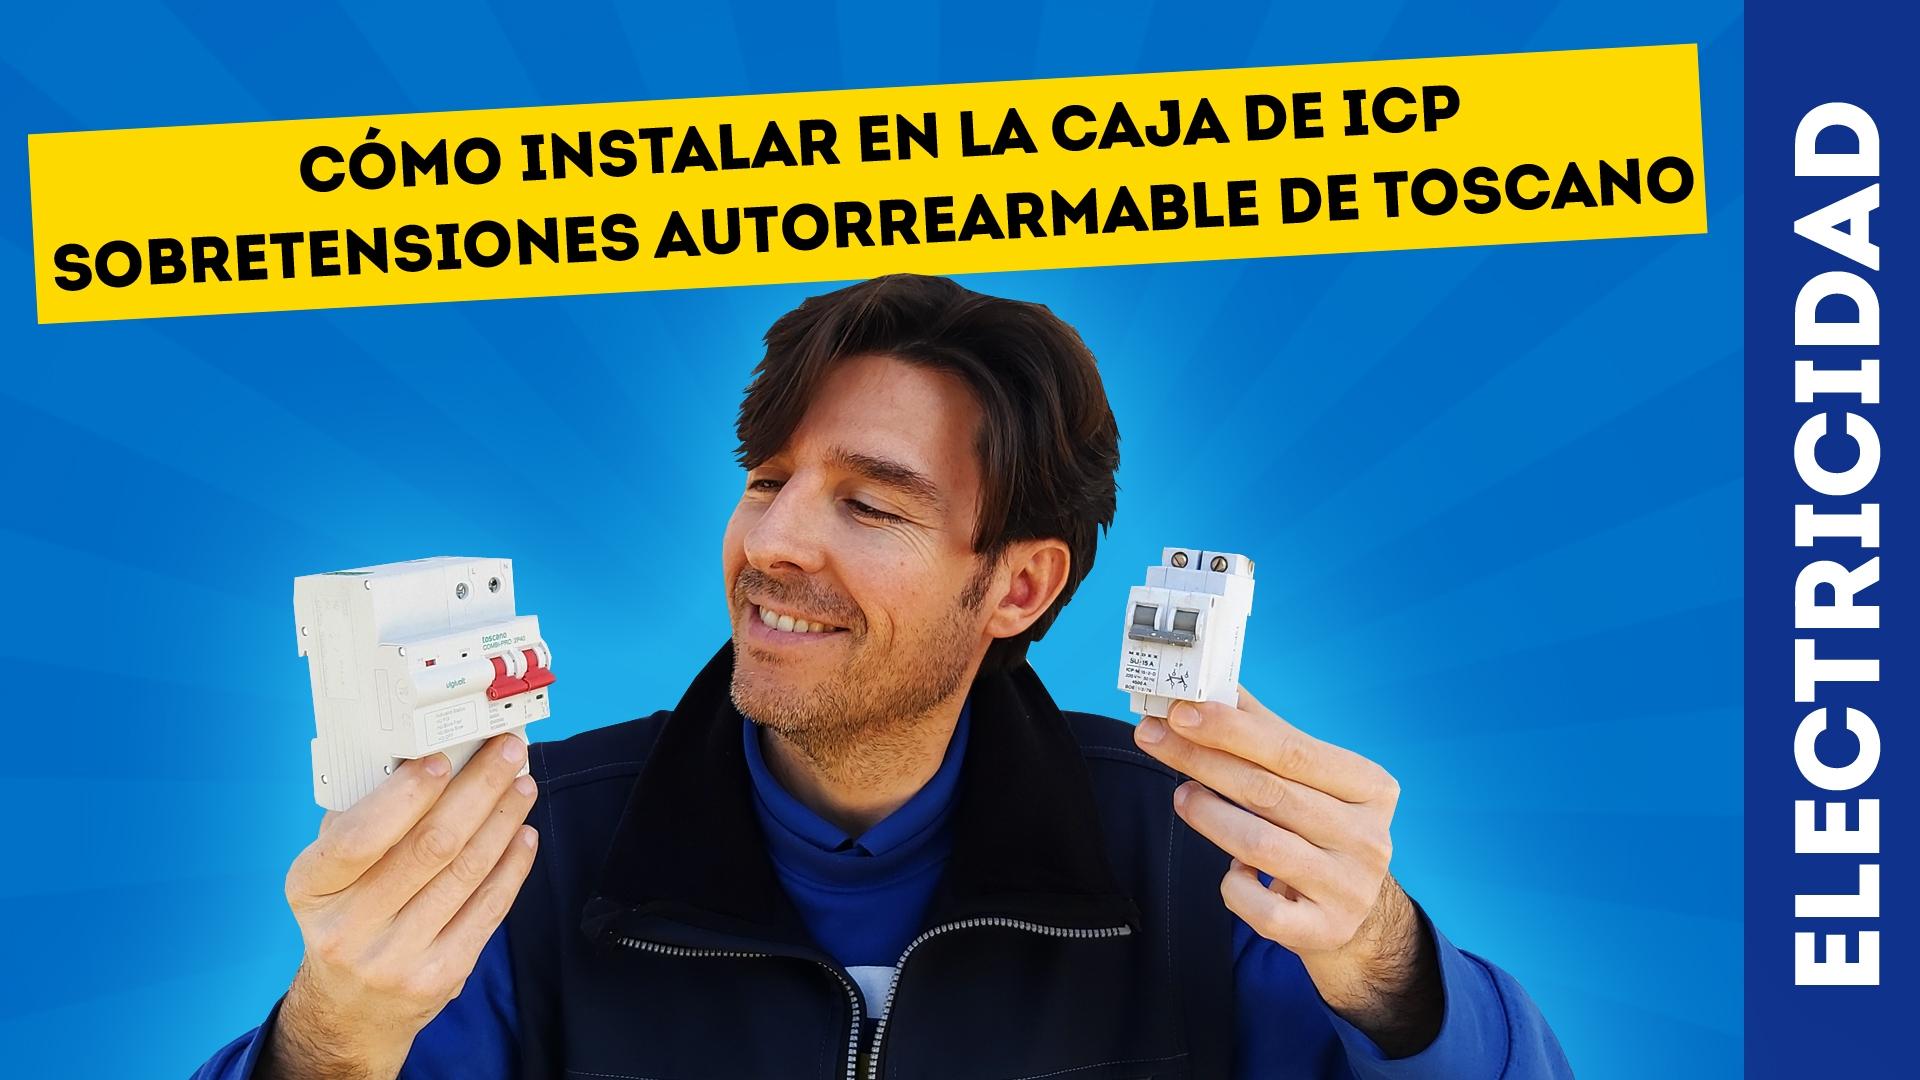 ICP Sobretensiones con Rearme Automático de Toscano